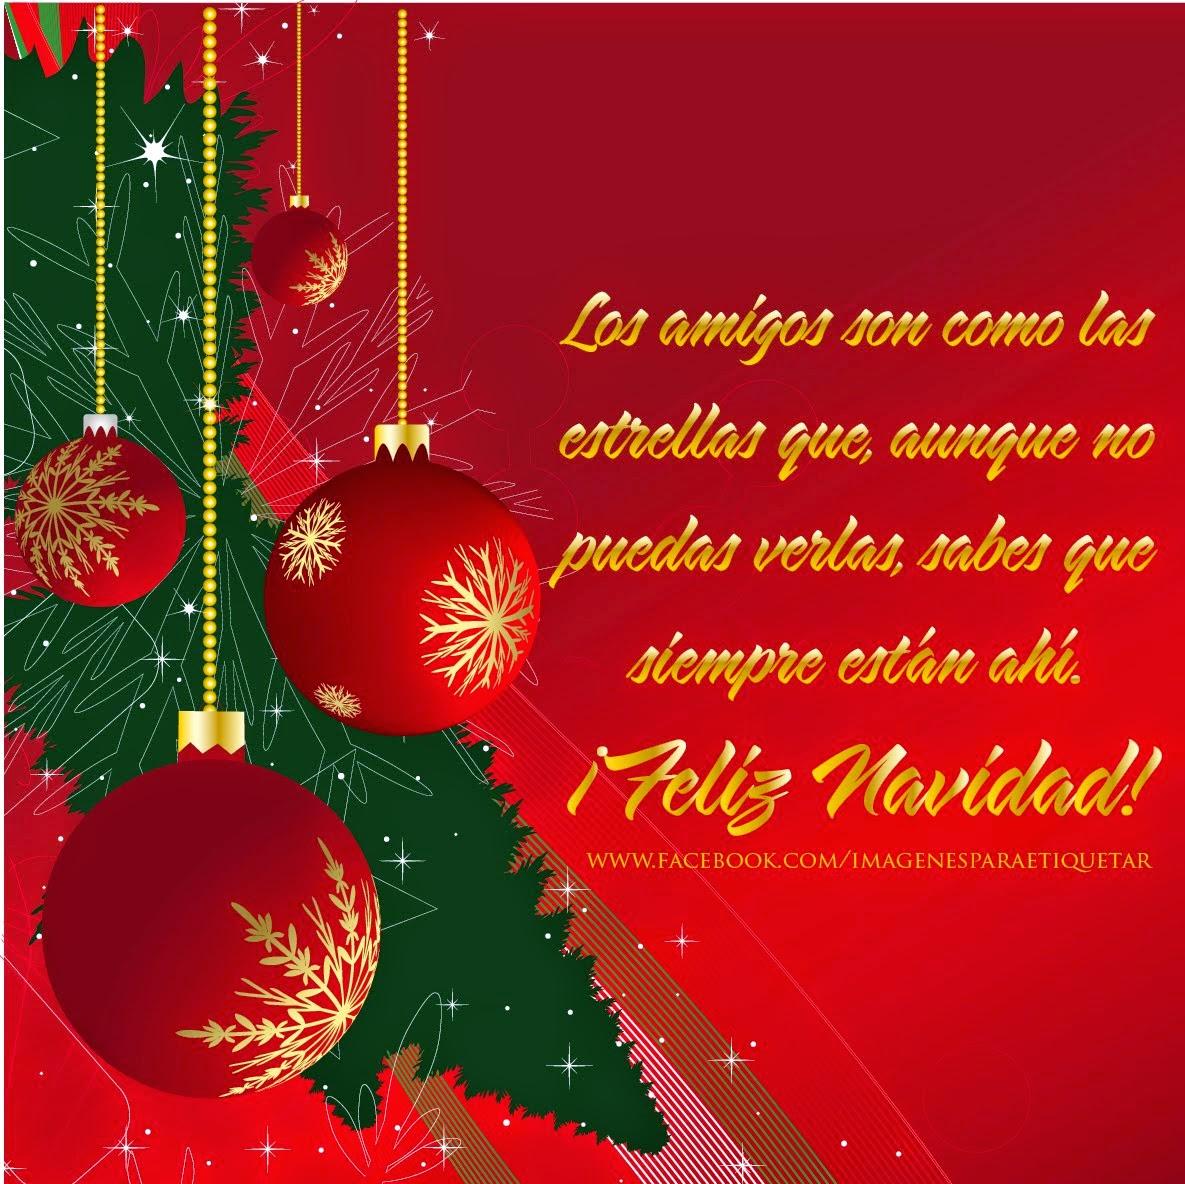 Mensajes de navidad para amigos tarjetas de navidad - Tarjetas felicitacion navidad ...